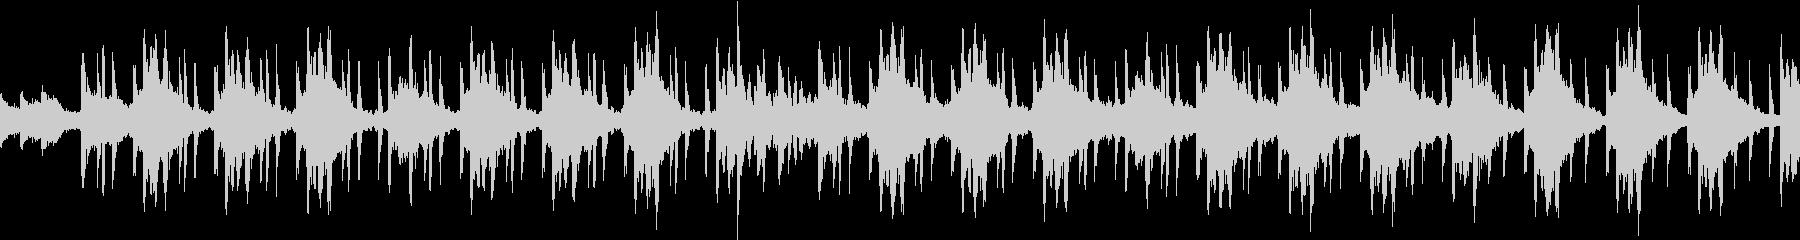 大人の雰囲気漂うlofiループインストの未再生の波形